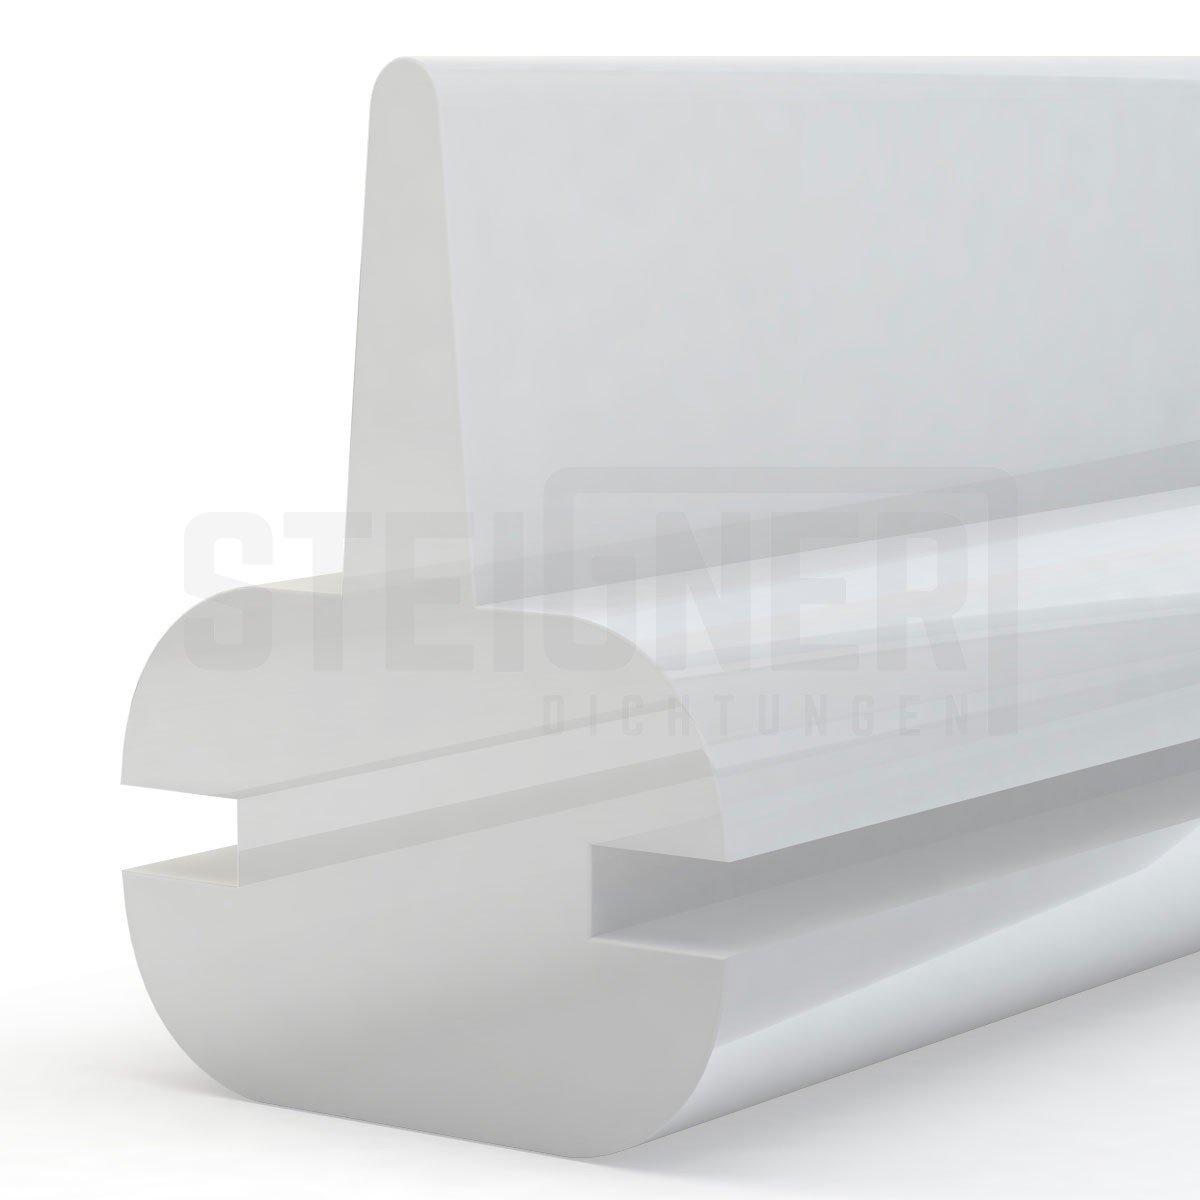 STEIGNER Joint de douche en silicone 120cm SDD01 blanc - joint d'étanchéité pour la protection contre les fuites d'eau